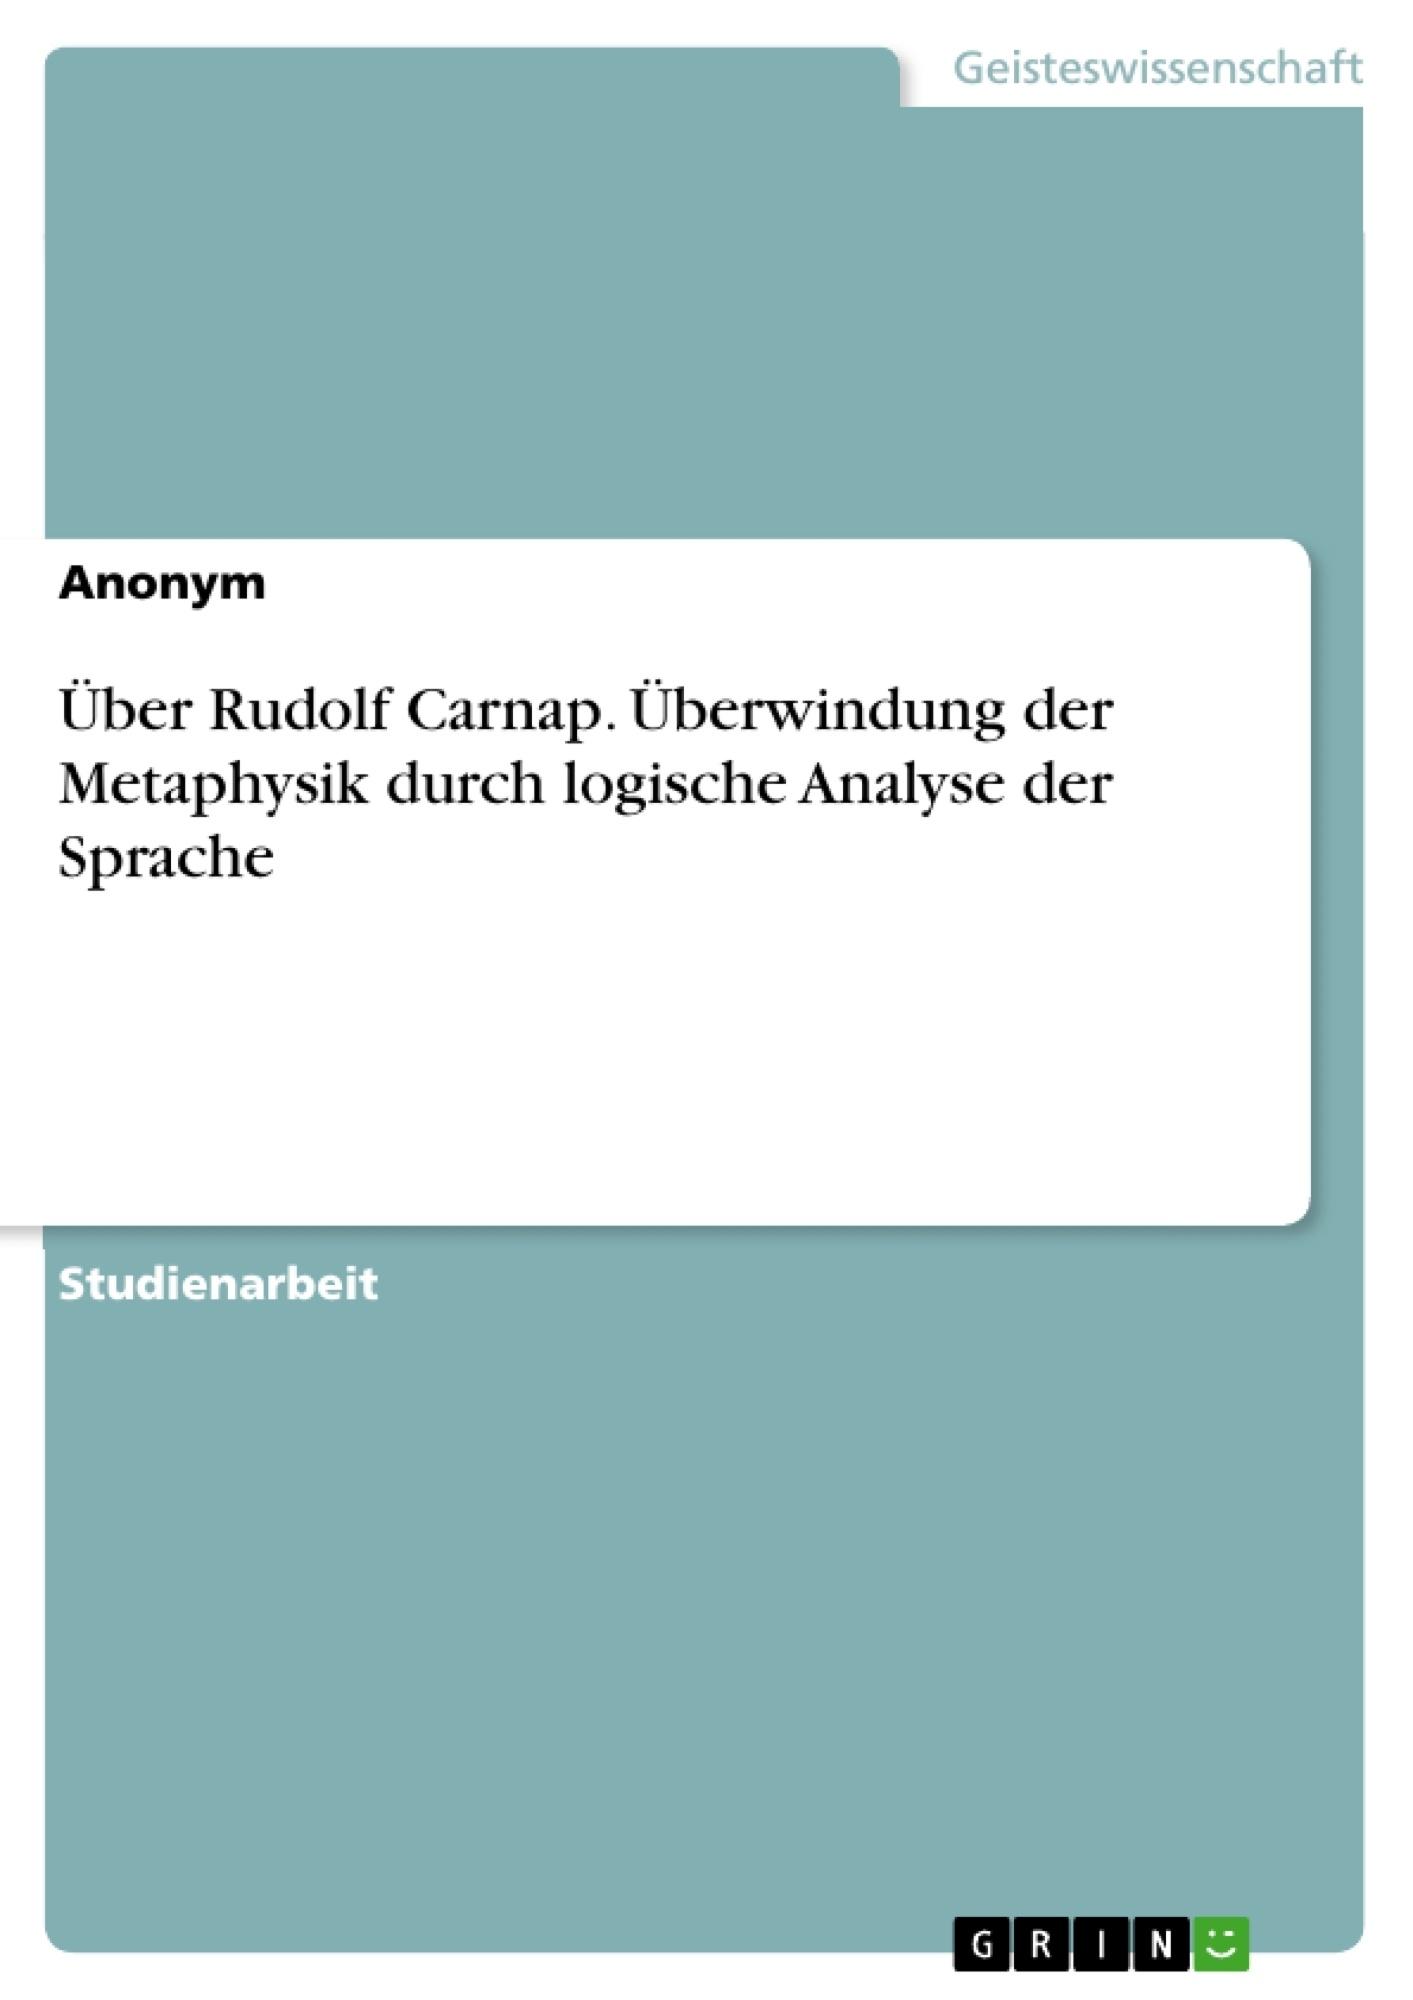 Titel: Über Rudolf Carnap. Überwindung der Metaphysik durch logische Analyse der Sprache